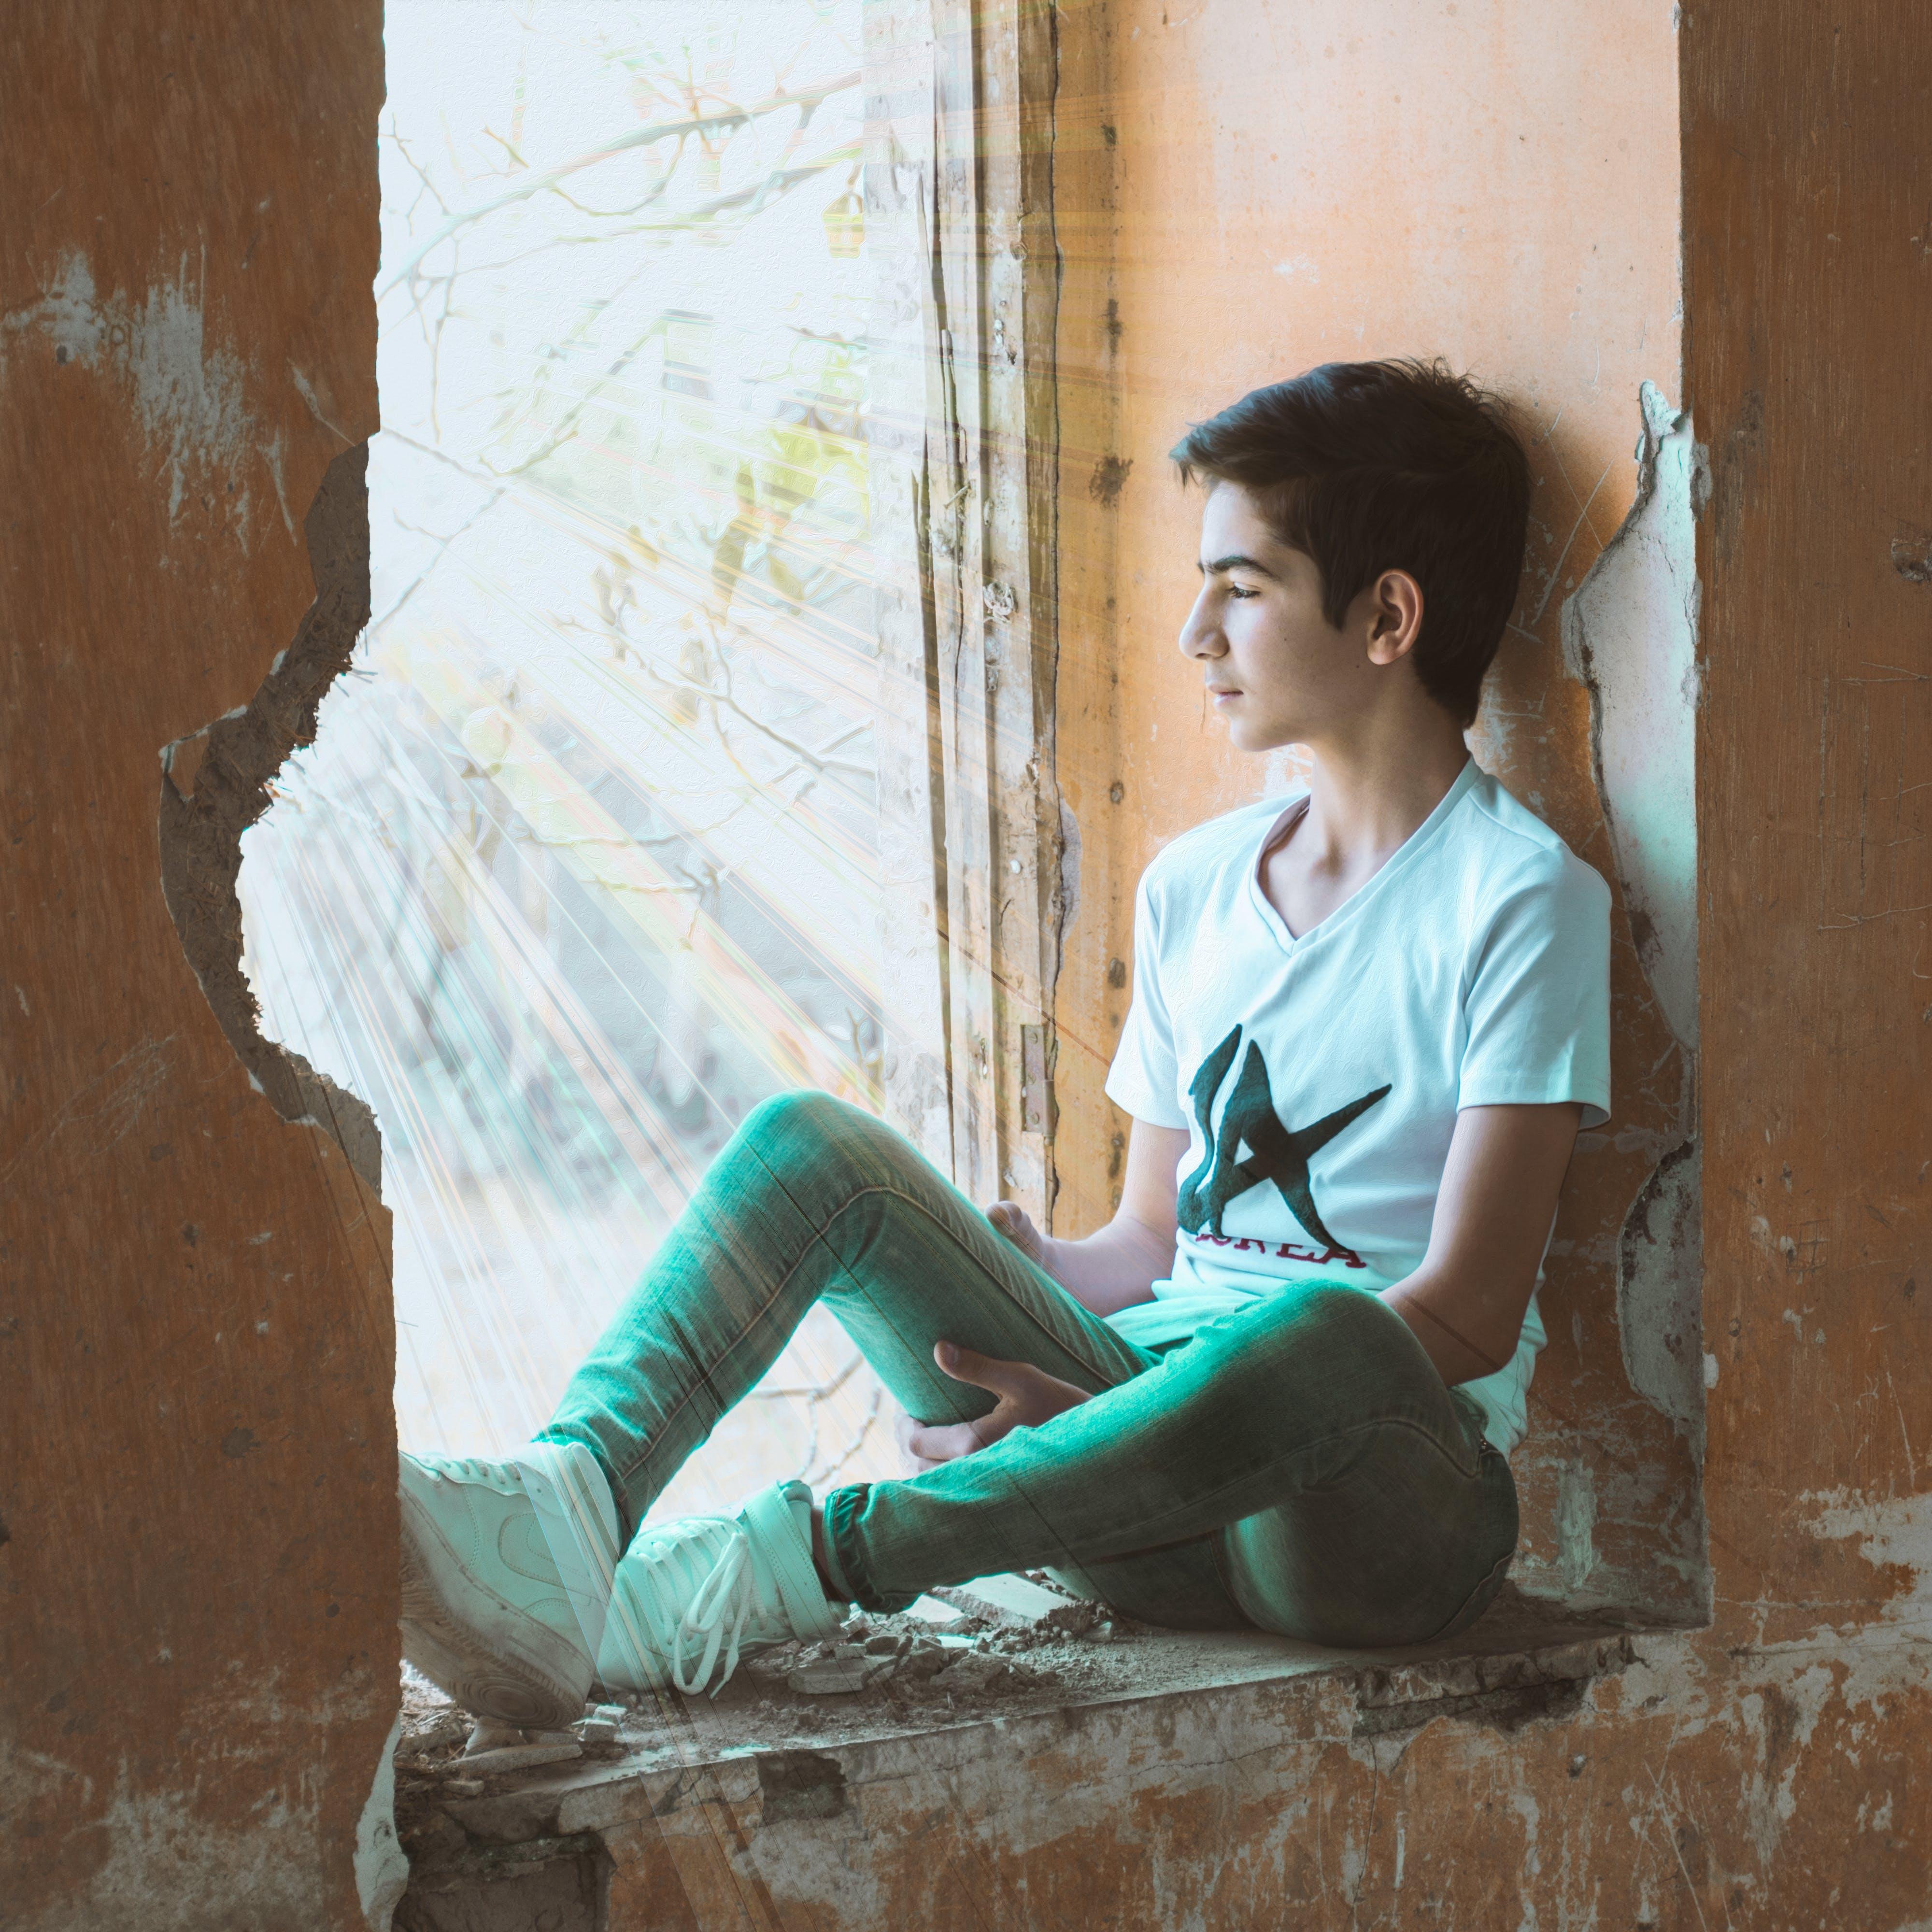 Boy Sitting Near Wall